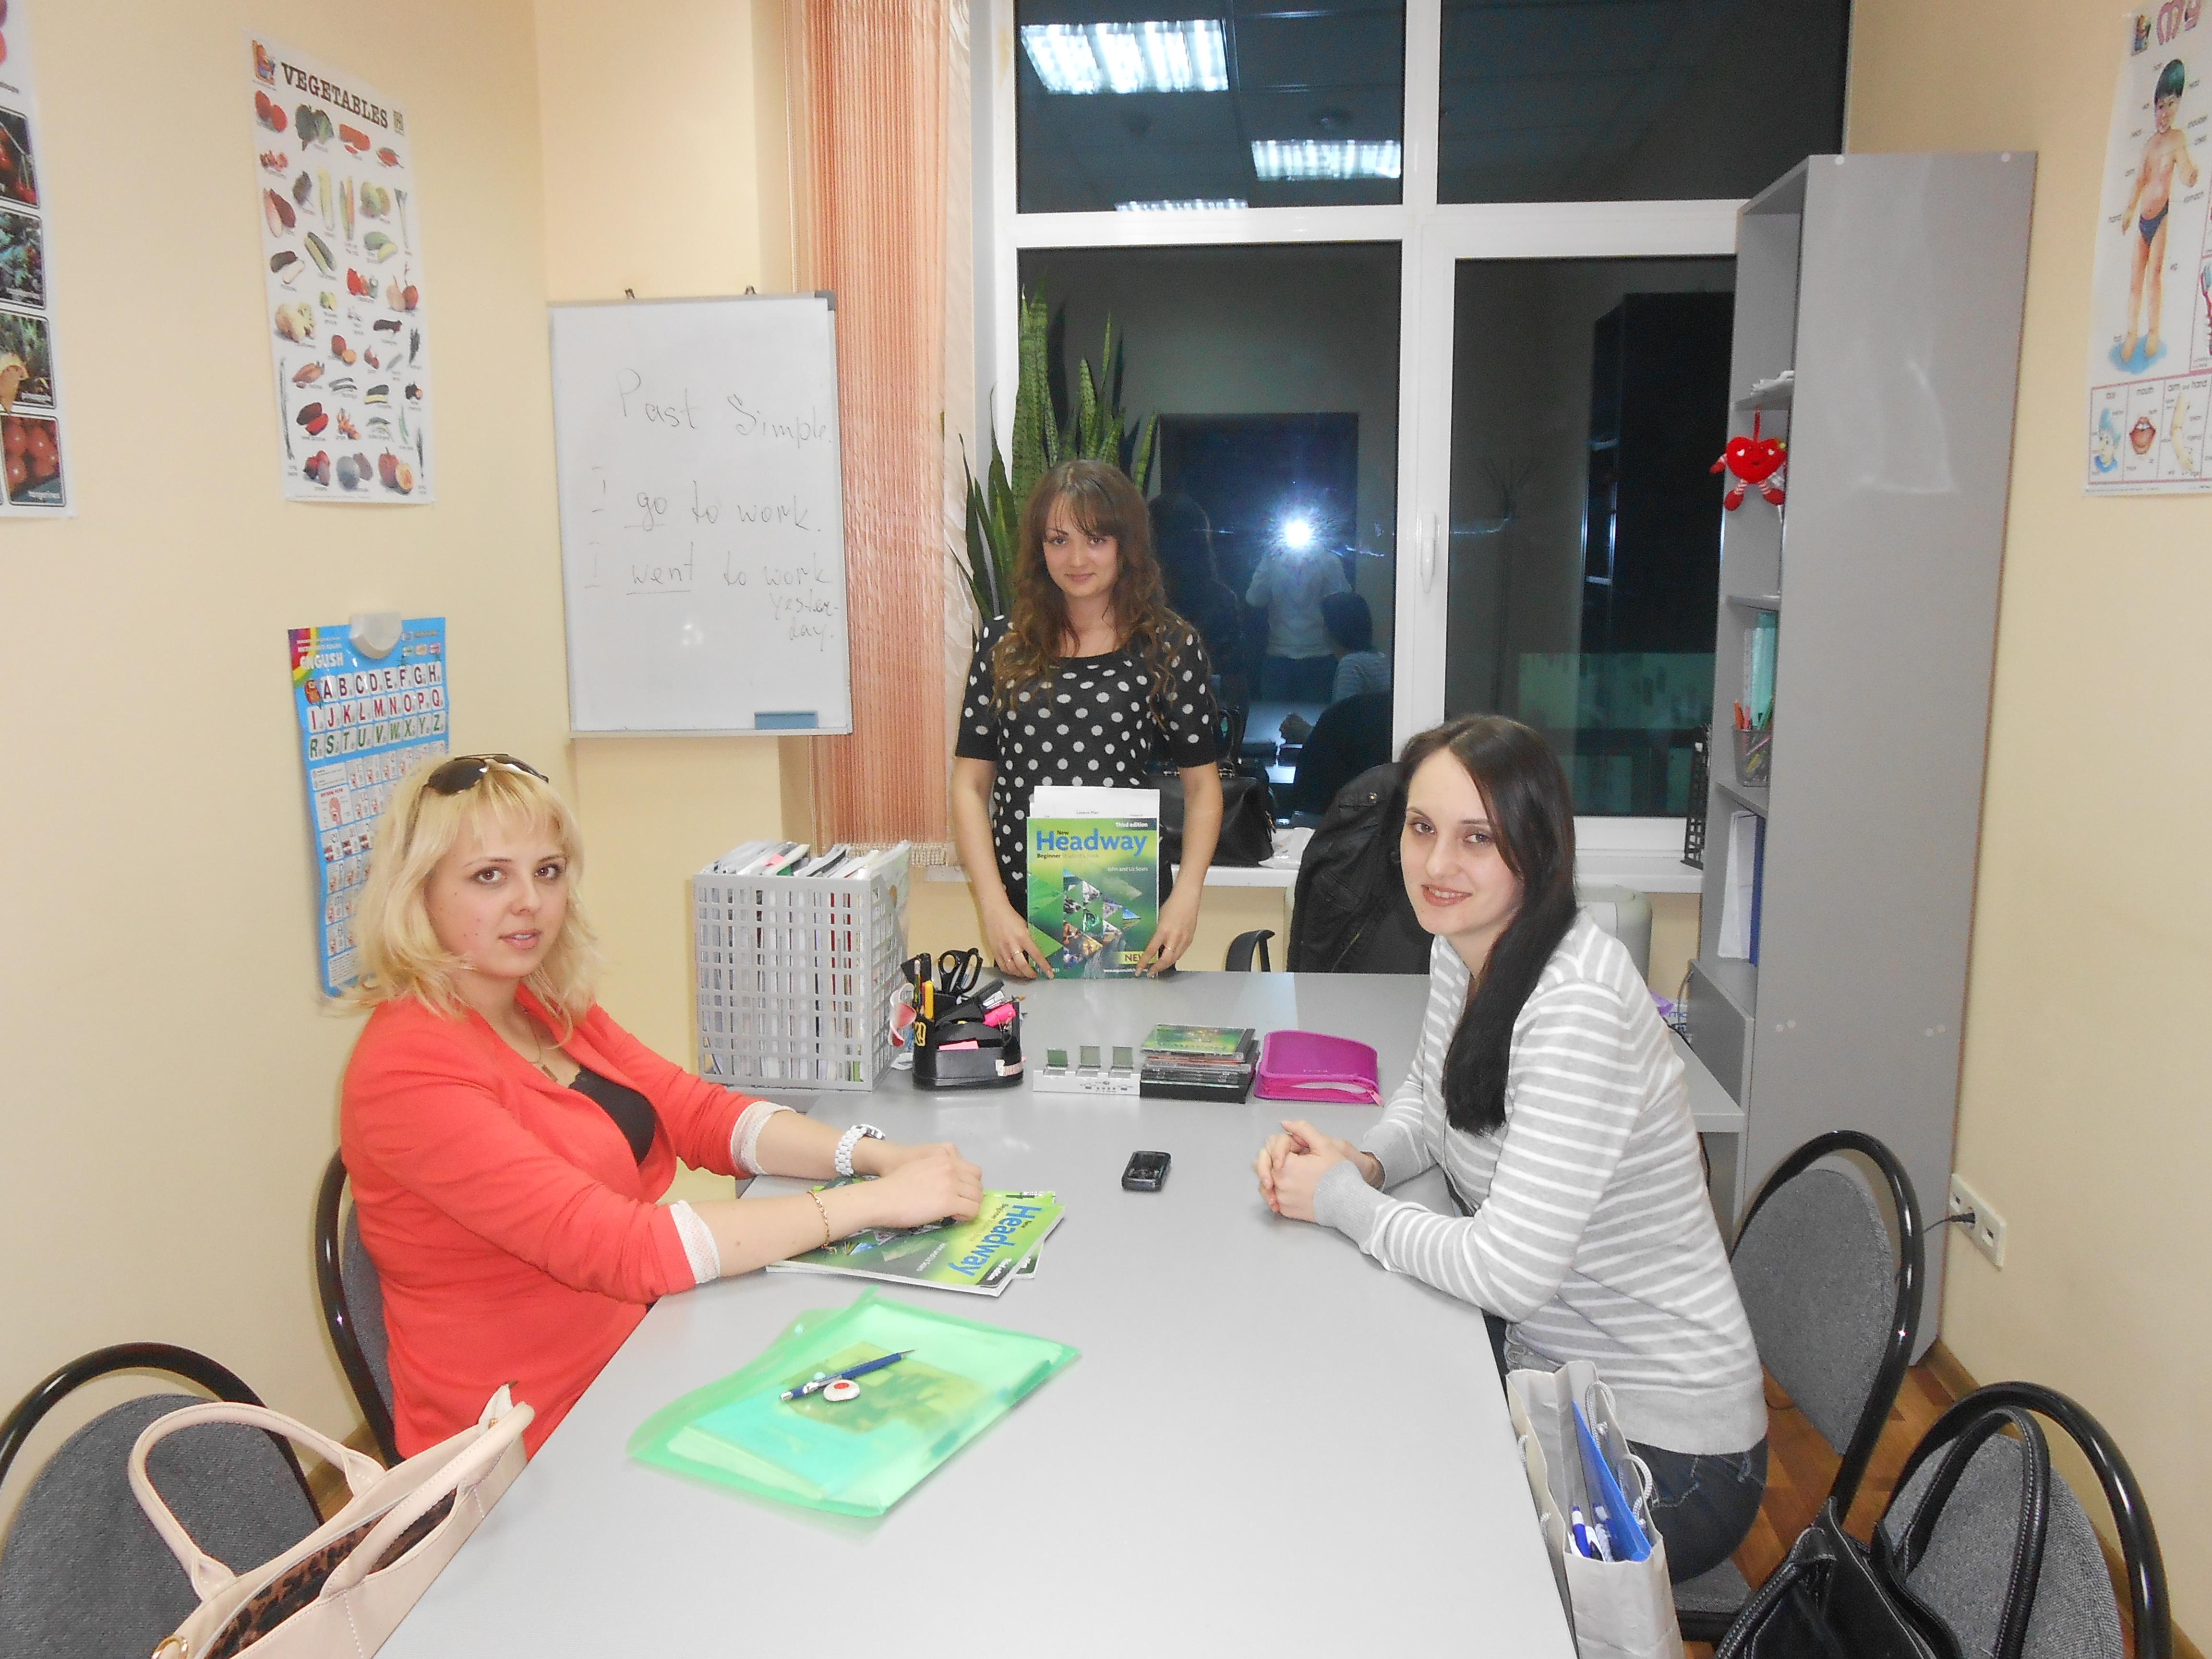 Обучение английскому языку в Ростове-на-Дону фото (9)